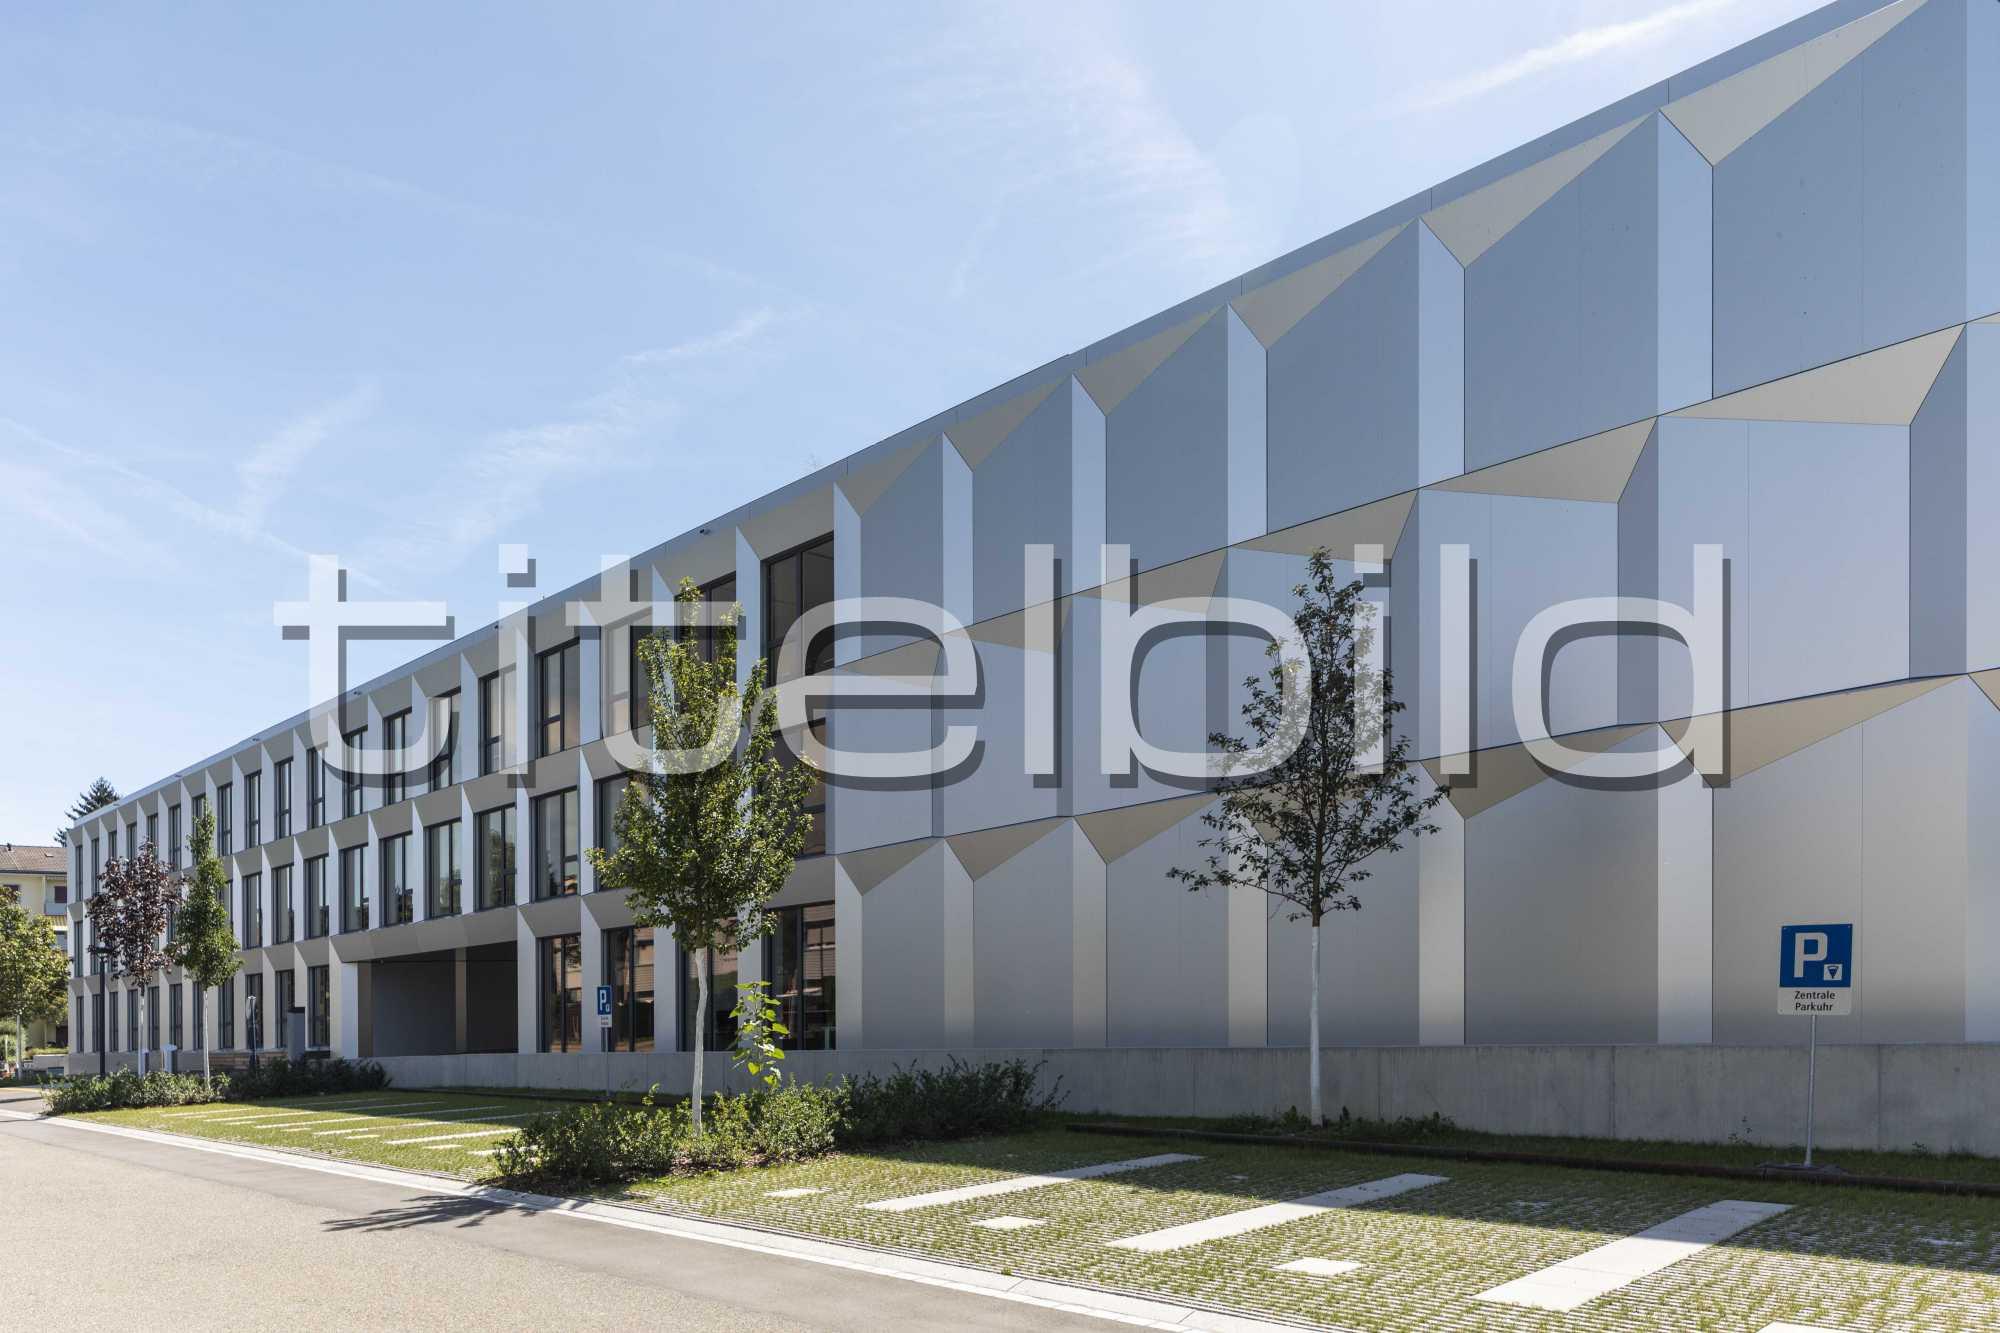 Projektbild-Nr. 6: BZU Bildungszentrum